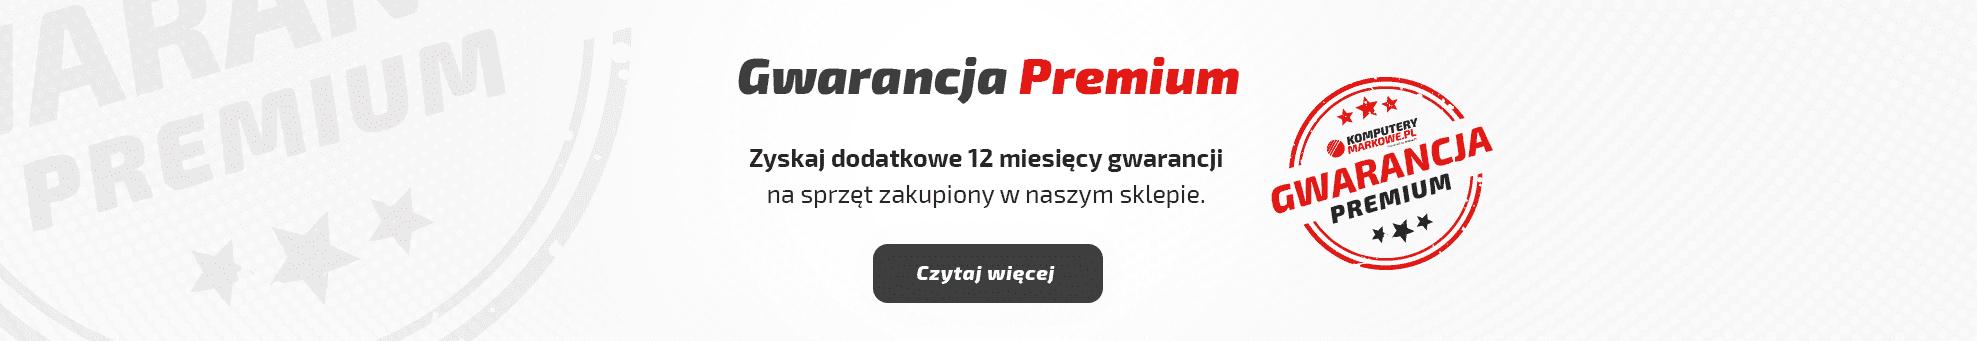 Gwarancja PREMIUM